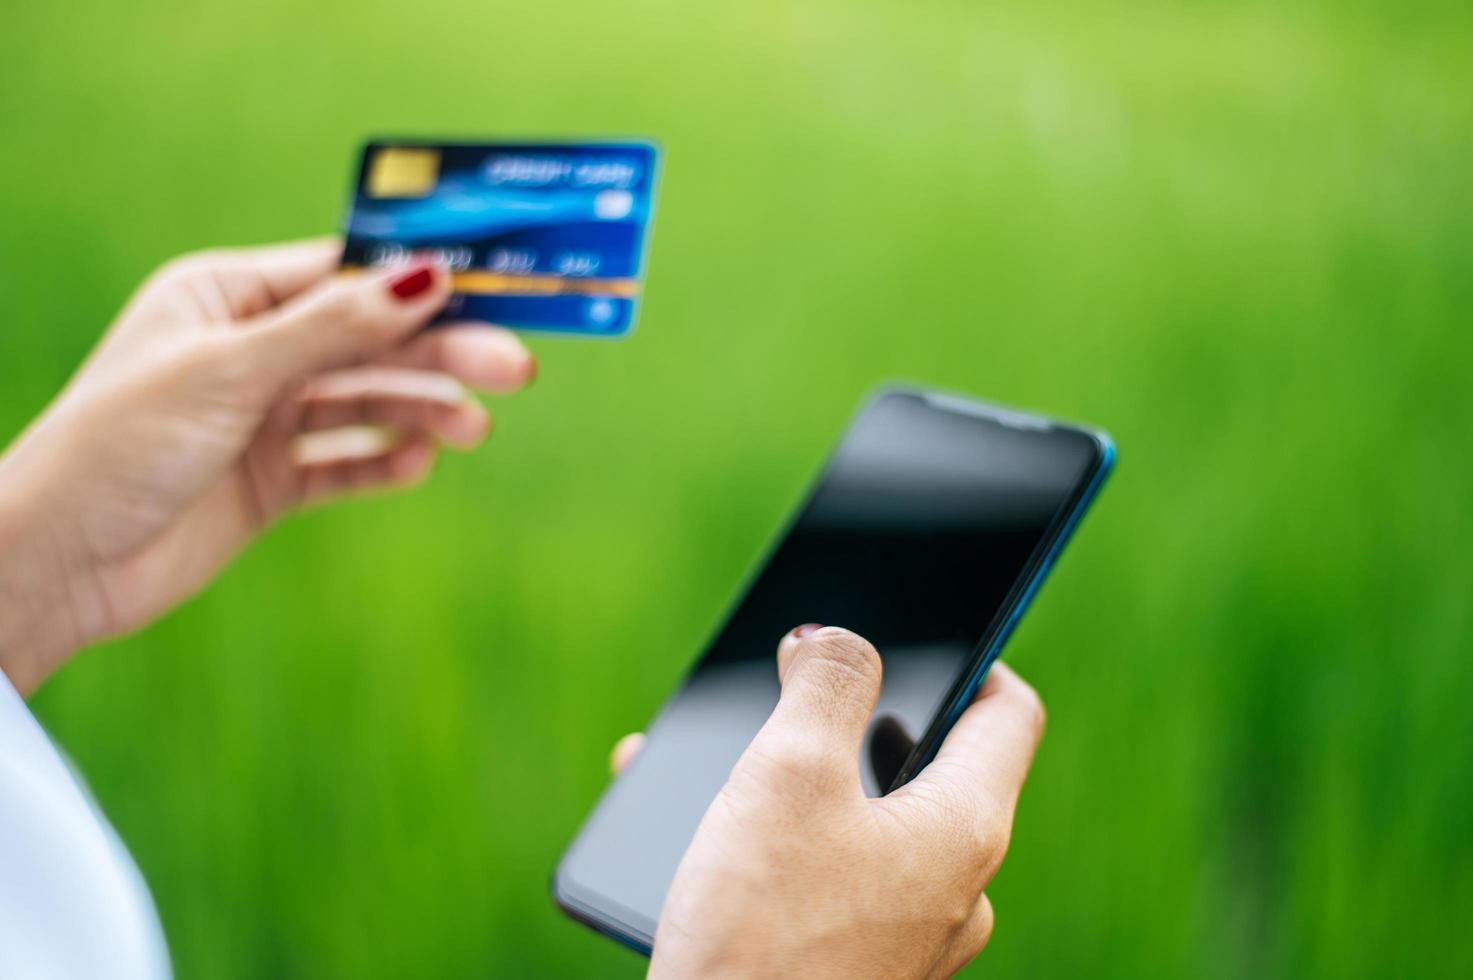 betaling voor goederen met creditcard via smartphone foto